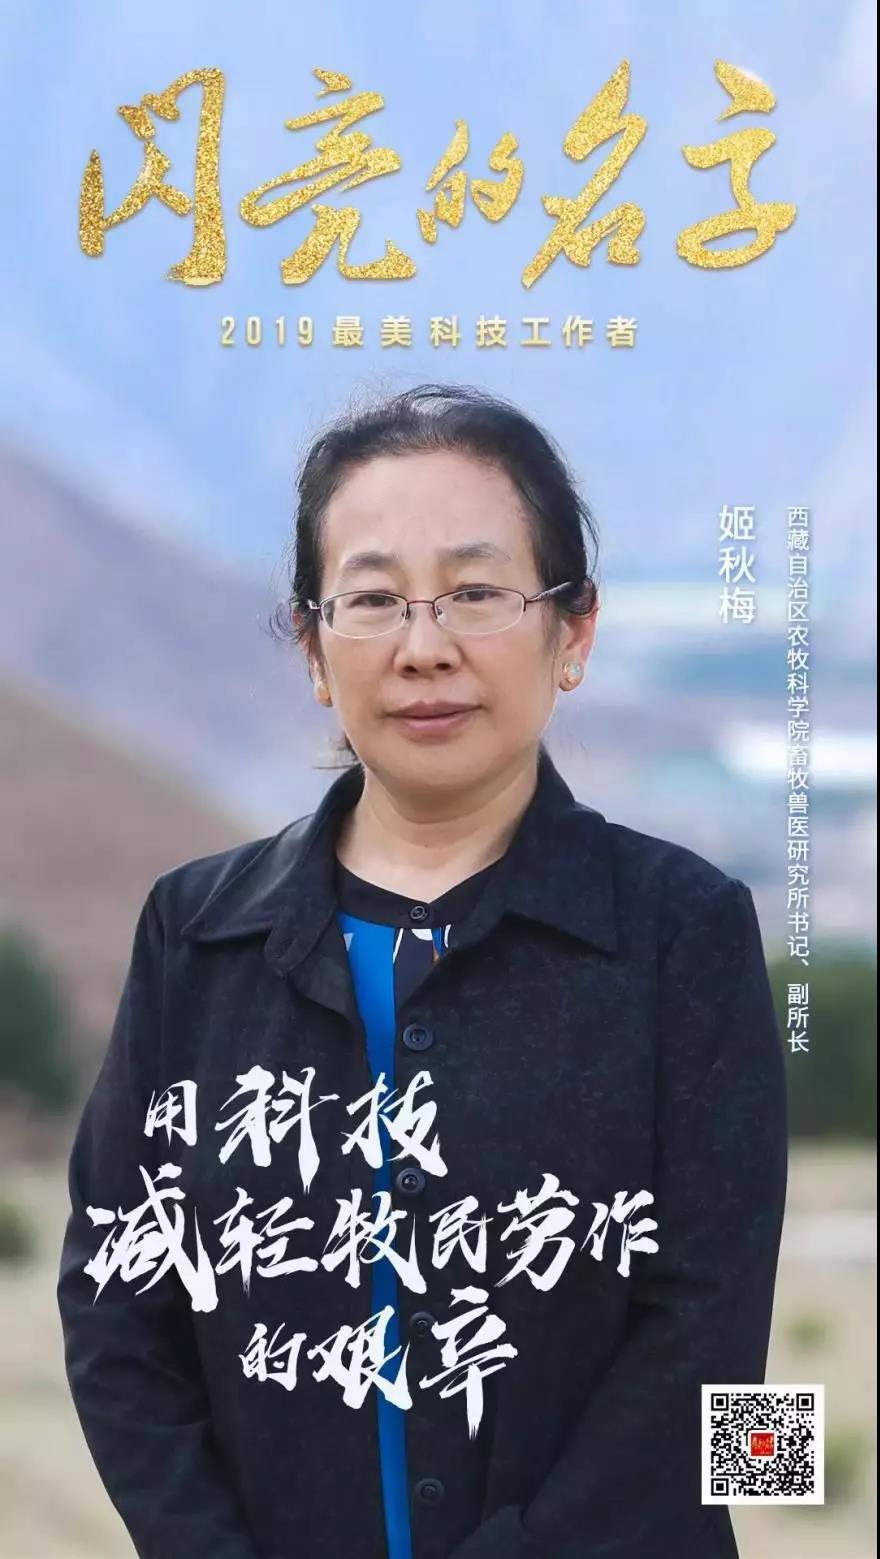 """有人说牦牛是""""刀尖""""上的科研,三十多年来,她在牦牛生产系统的研究领域中取得了突破性进展,为西藏的""""三农""""发展献计献策,为西藏牦牛研究走向全国和世界做出积极贡献!"""